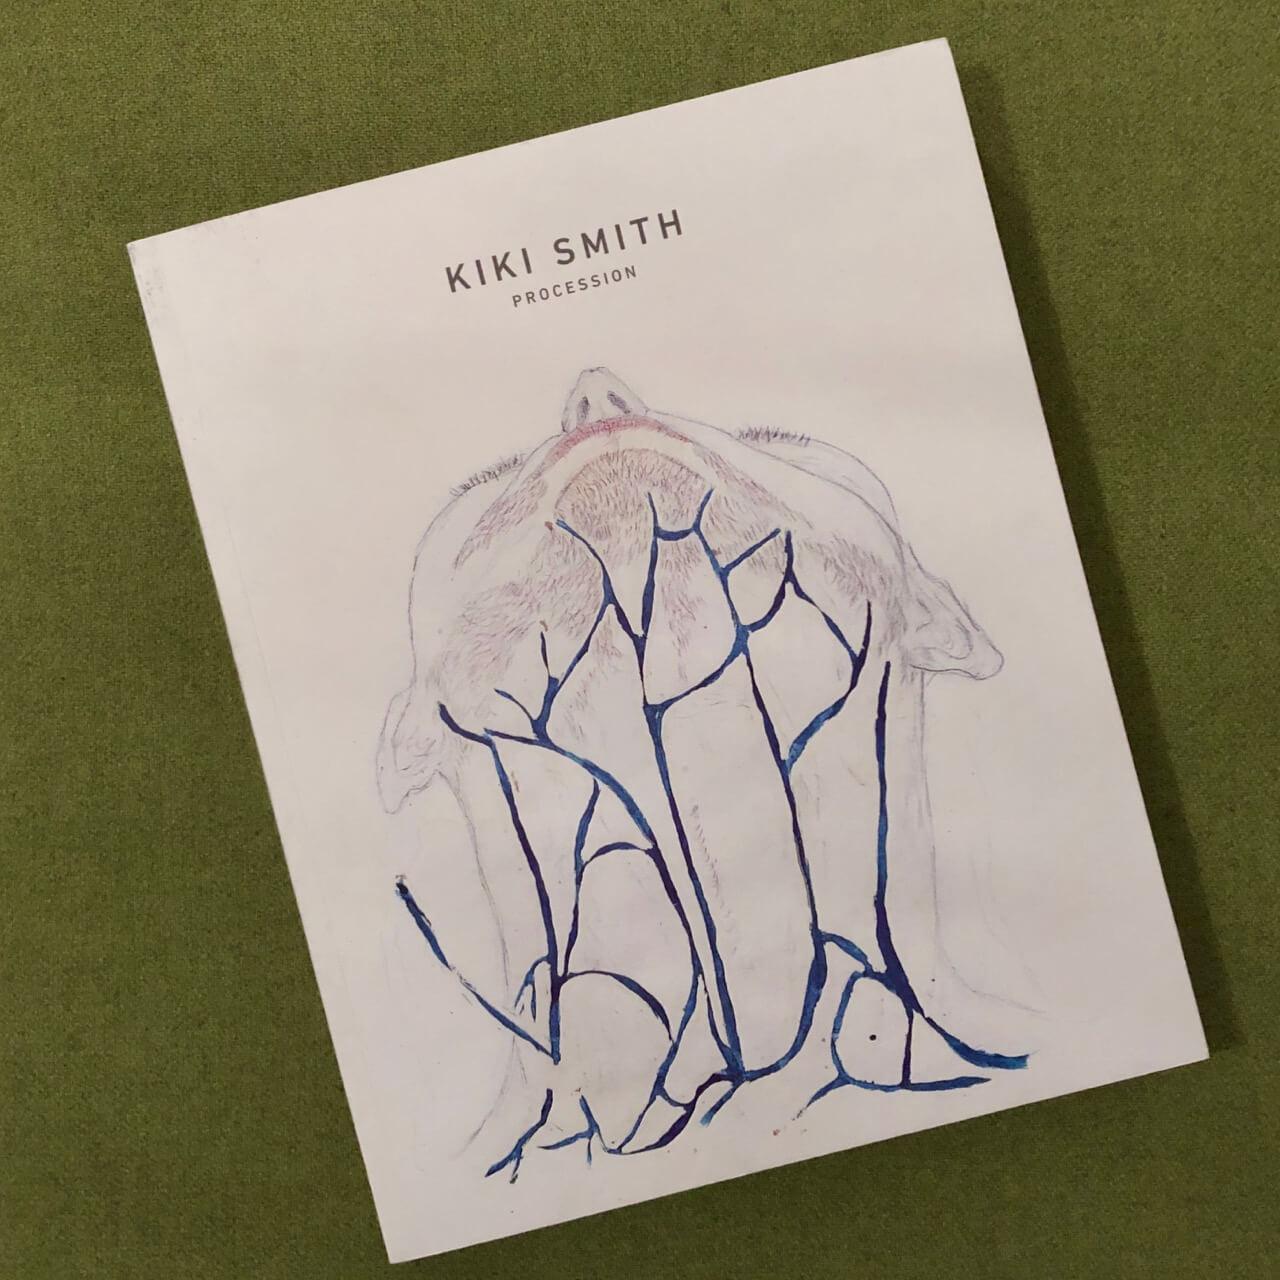 Procession, Kiki Smith - Eine beeindruckende Ausstellung im Haus der Kunst, München, 2018